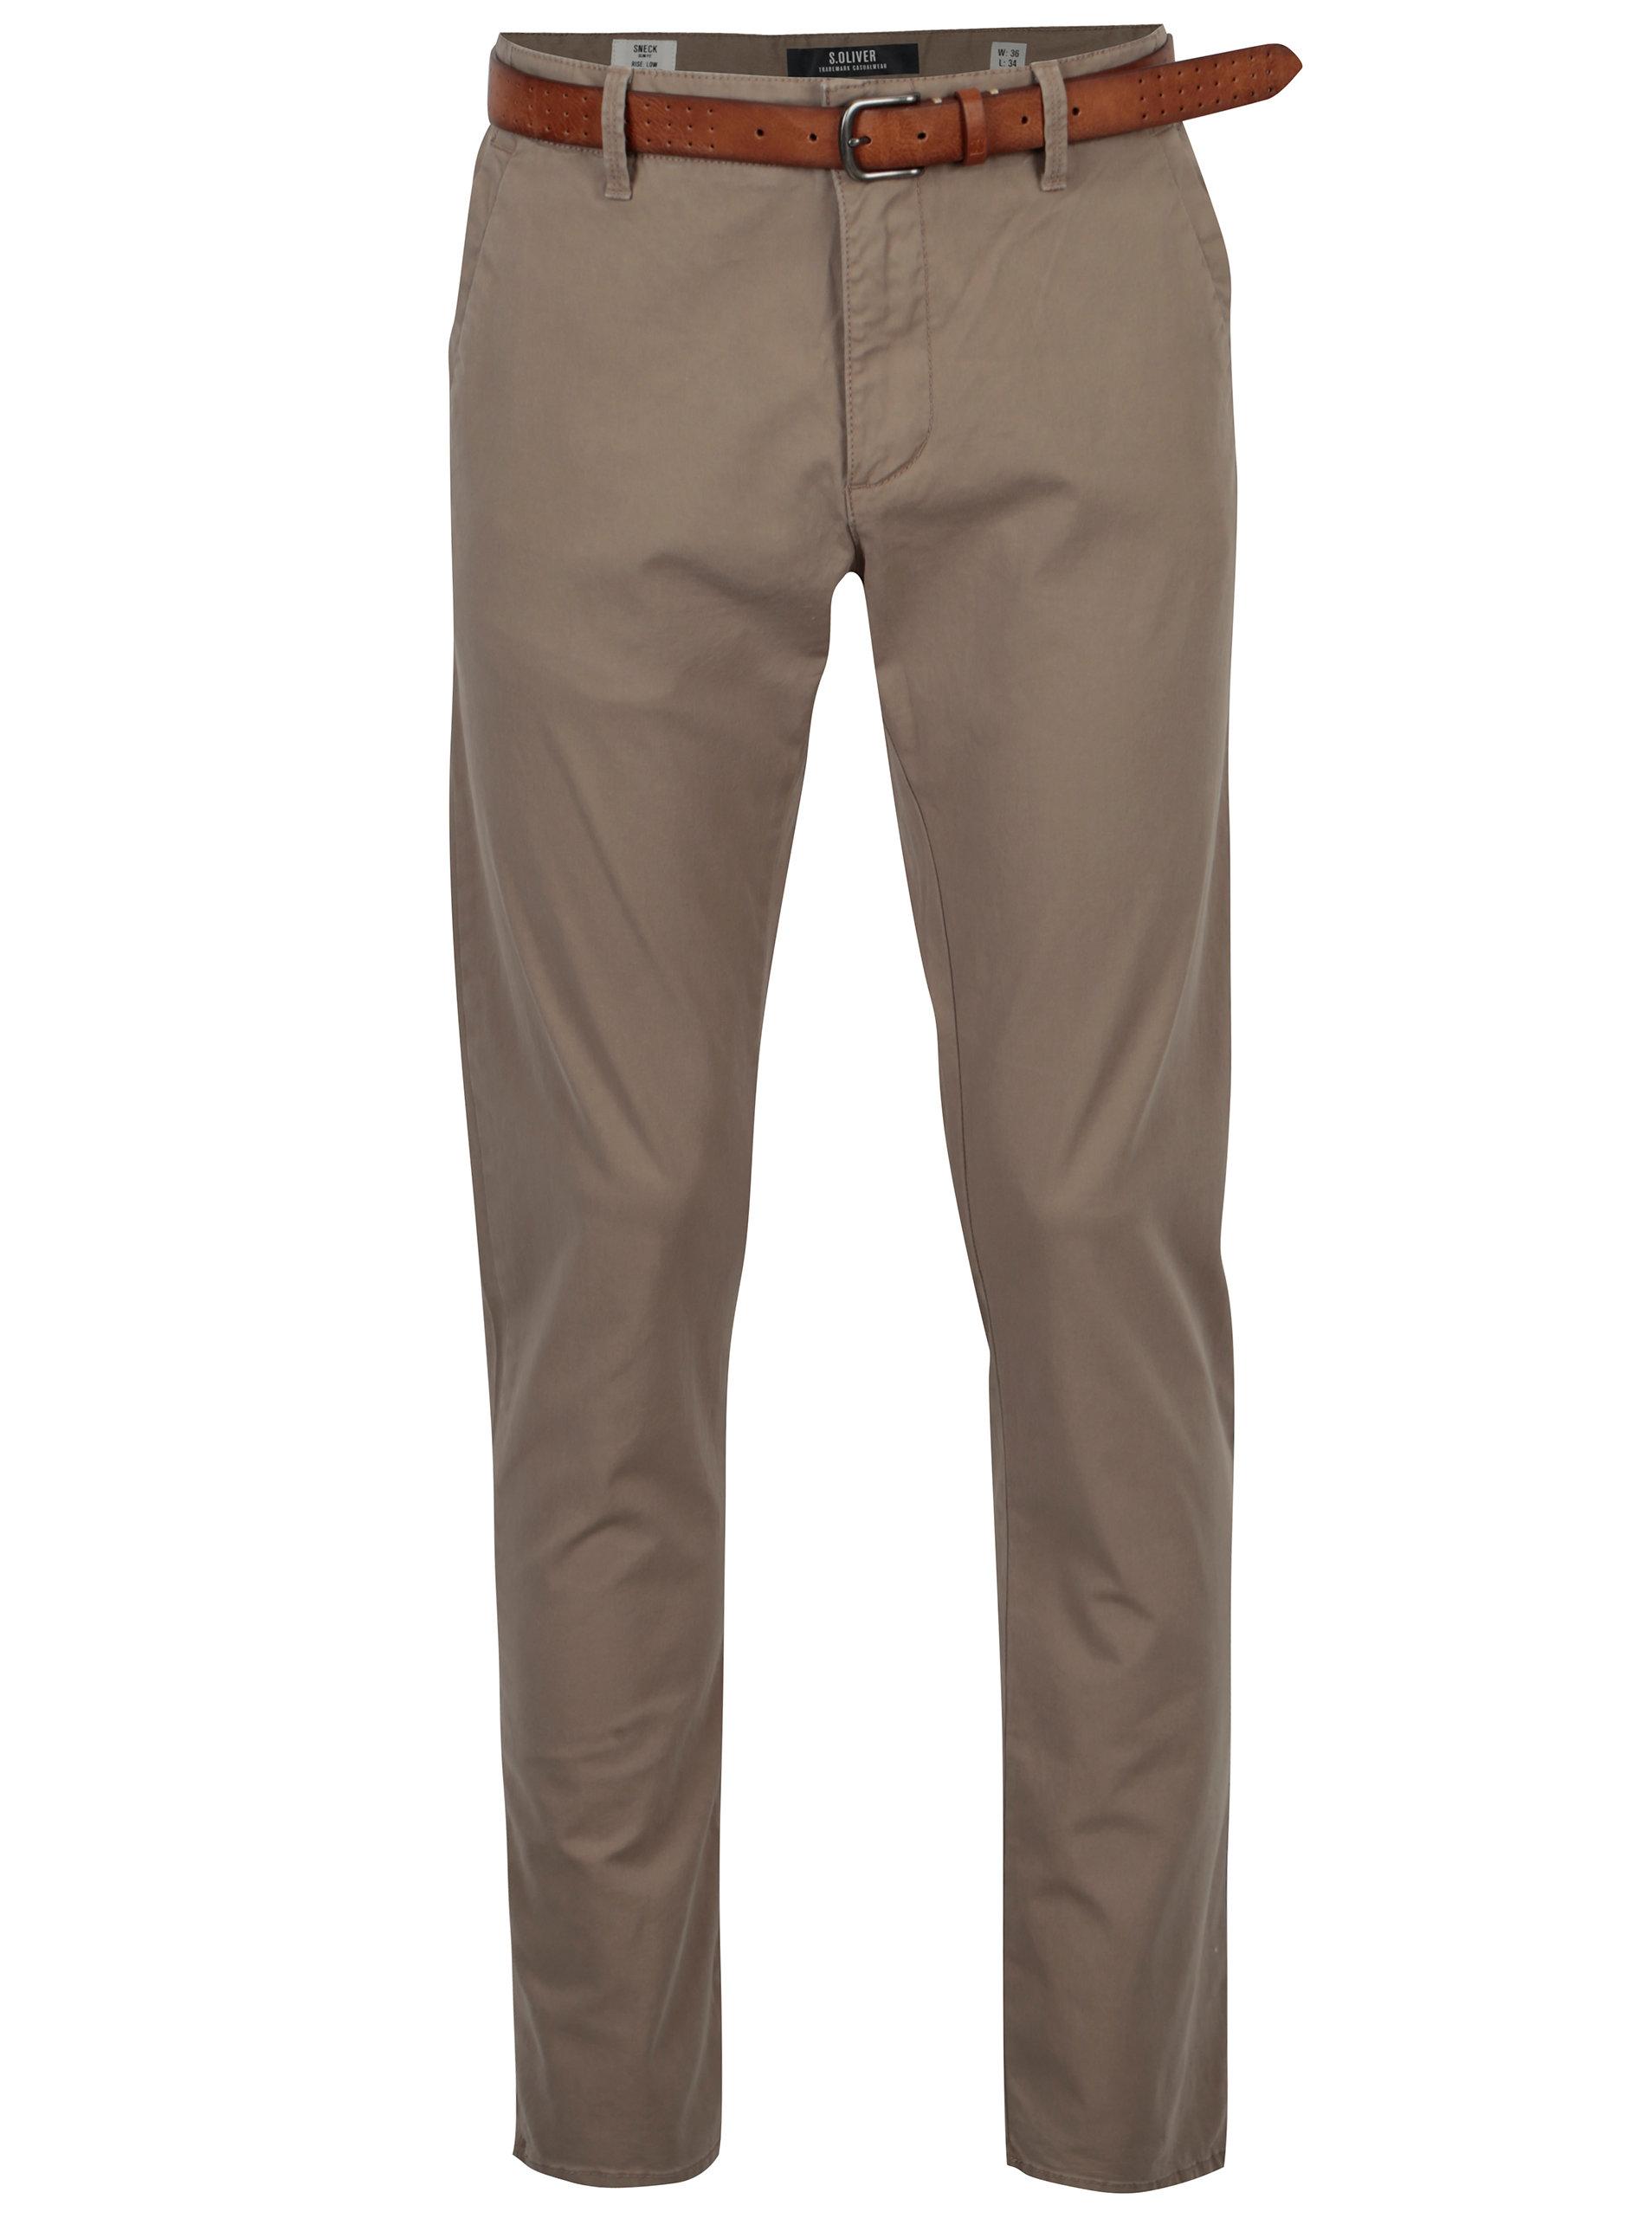 19370bc8d664 Béžové pánske slim fit chino nohavice s opaskom s.Oliver